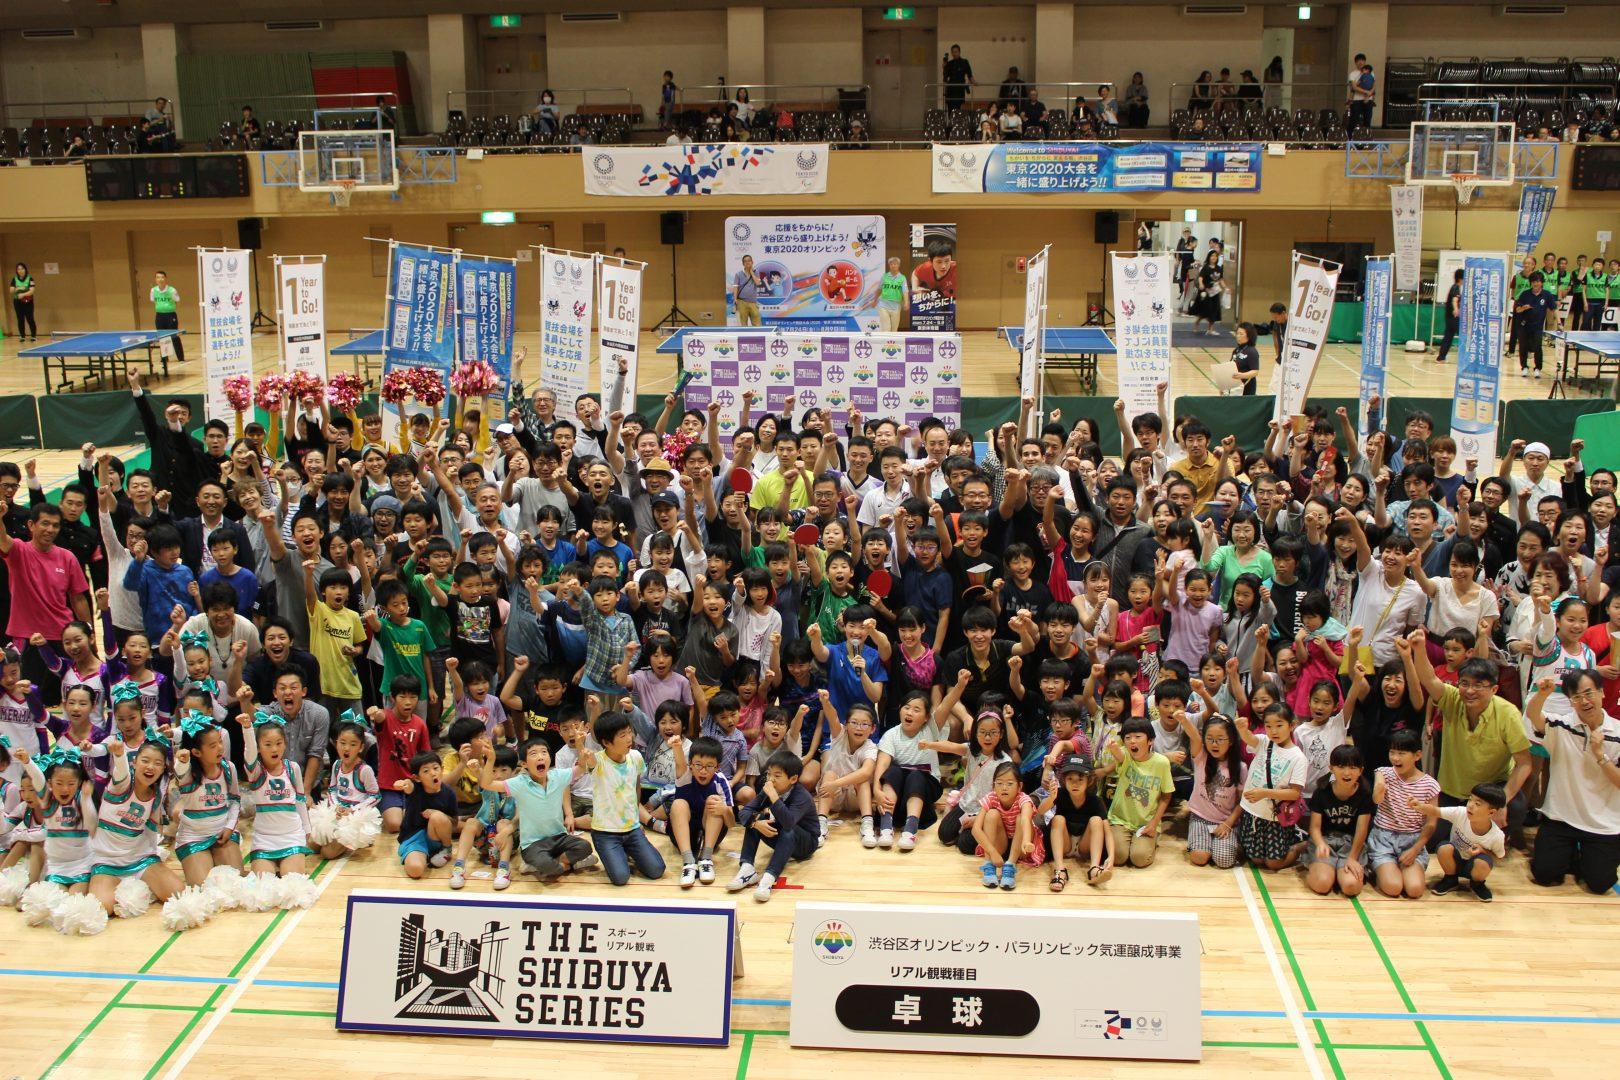 五輪・卓球競技開催地の渋谷区でエリアカ5選手によるイベントが大盛況